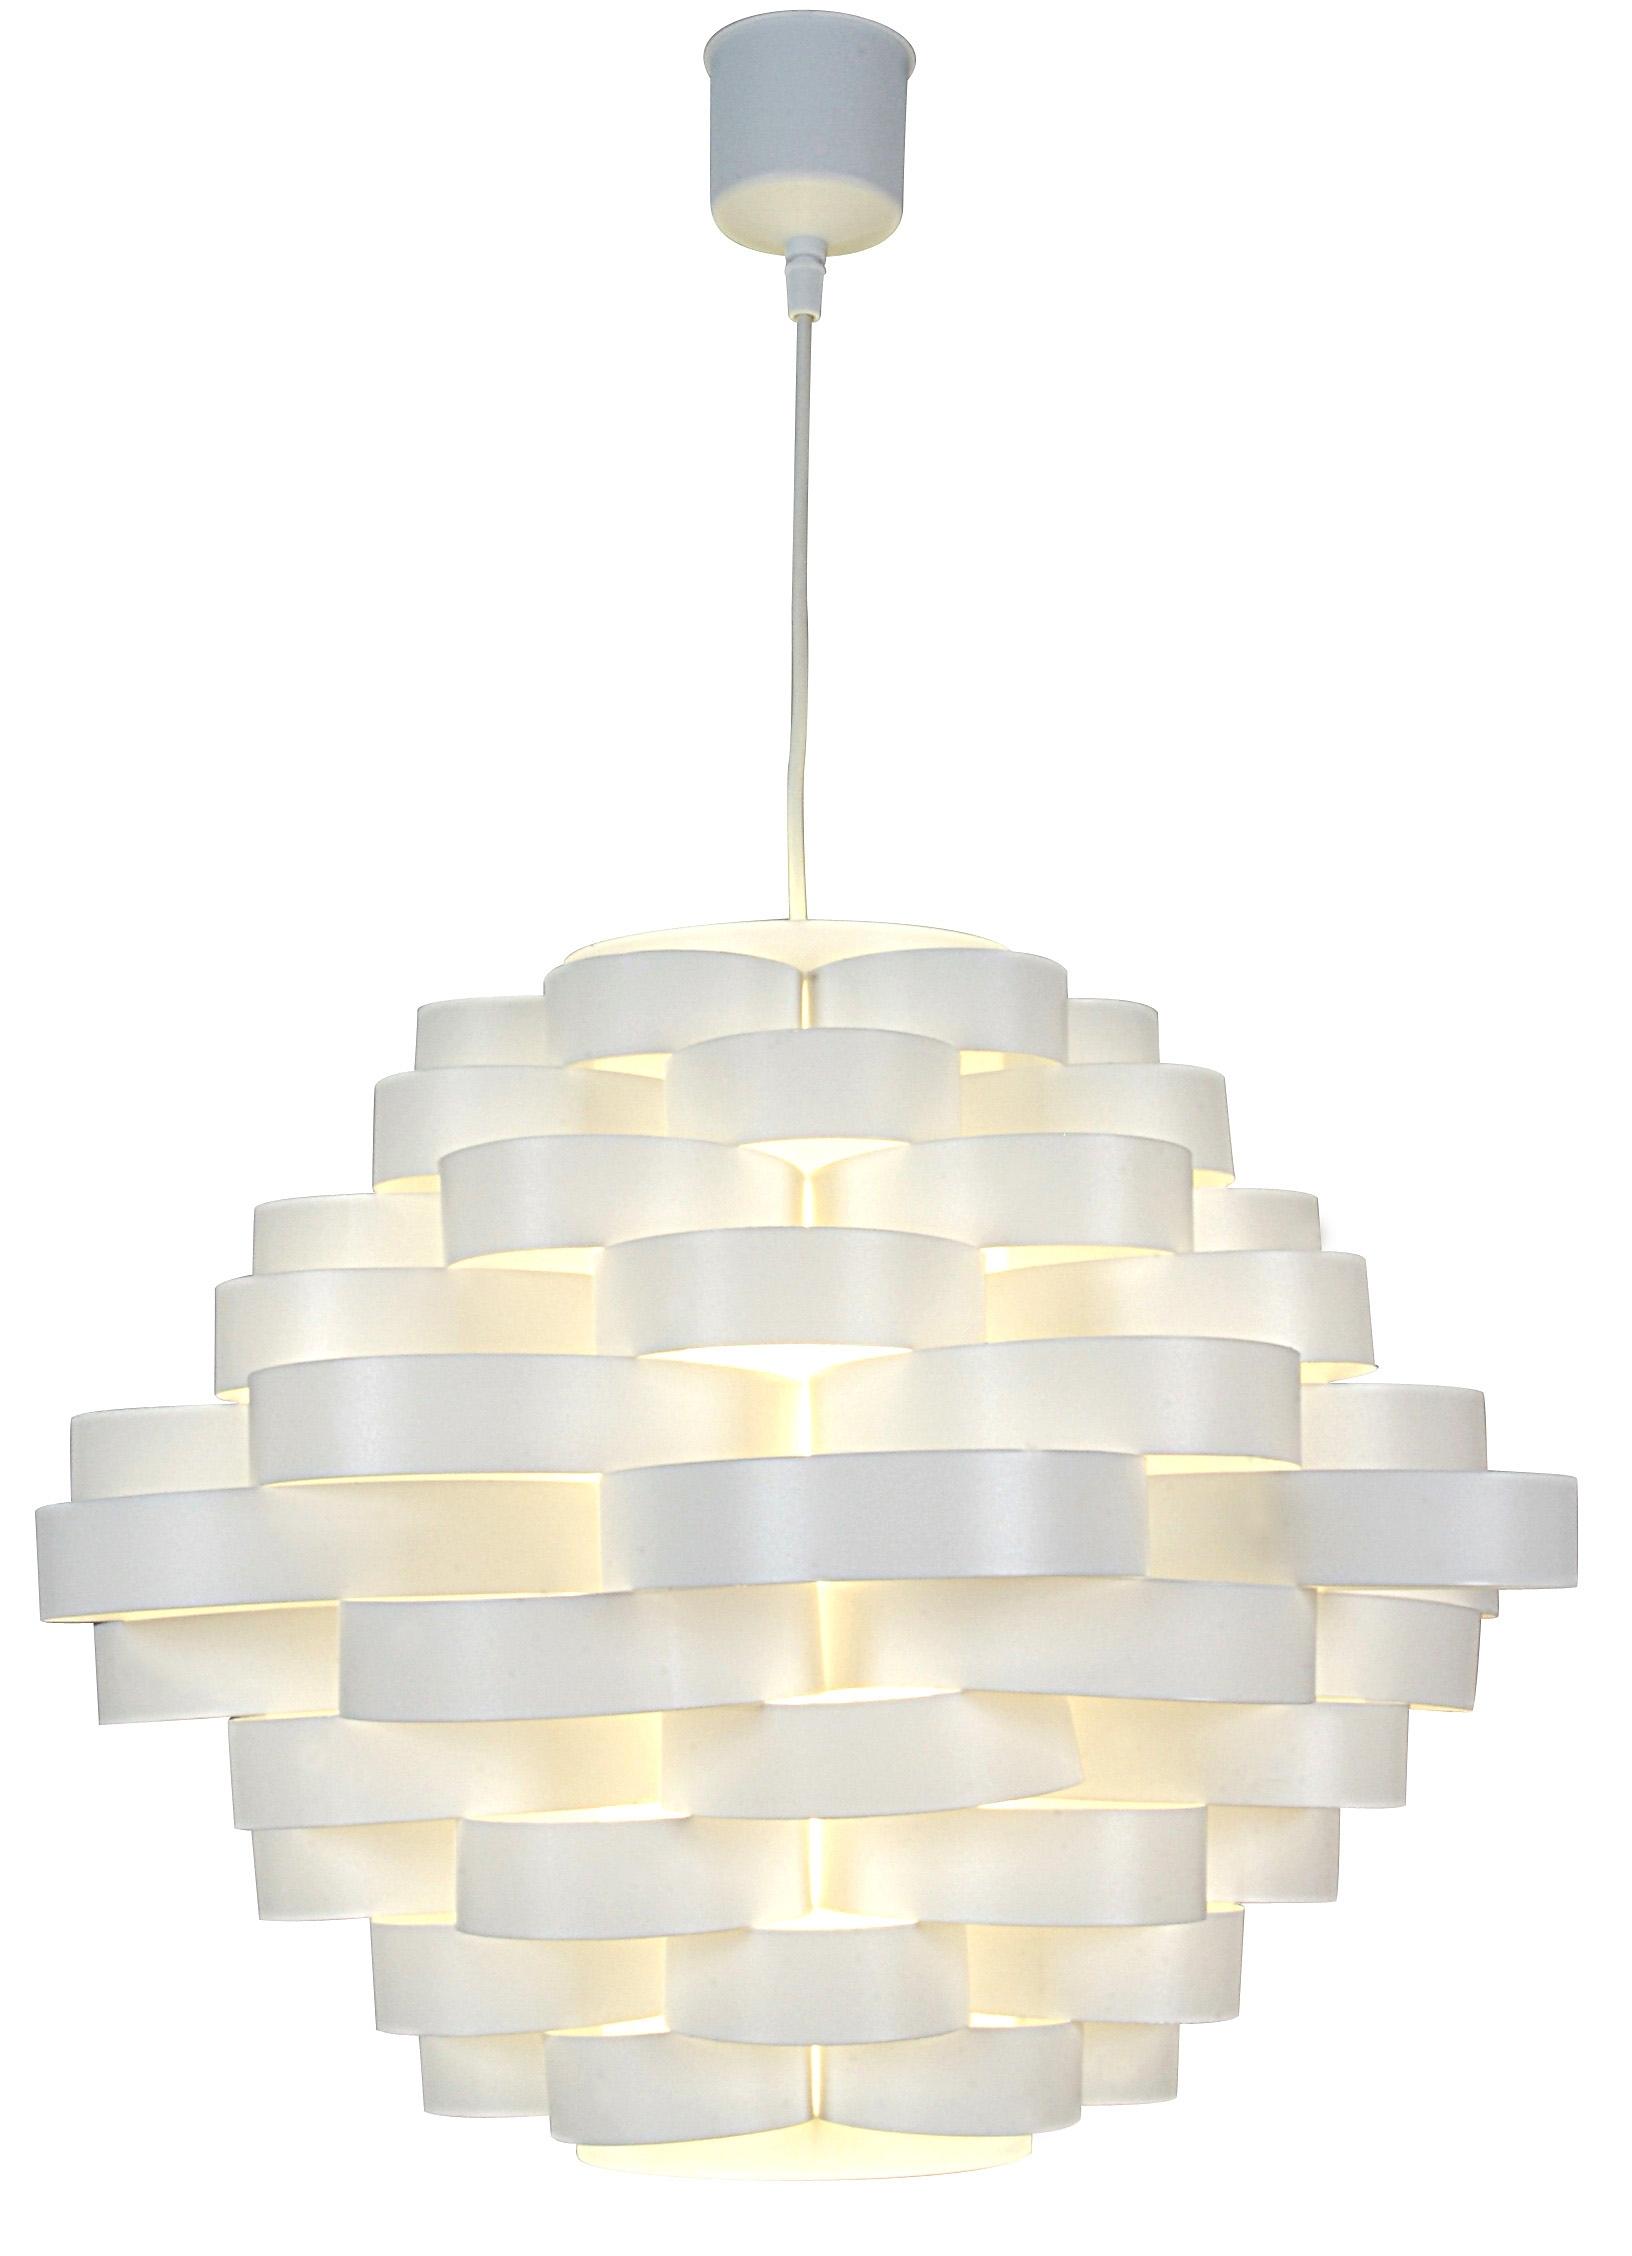 näve hanglamp Young Living Hanglicht, hanglamp - verschillende betaalmethodes